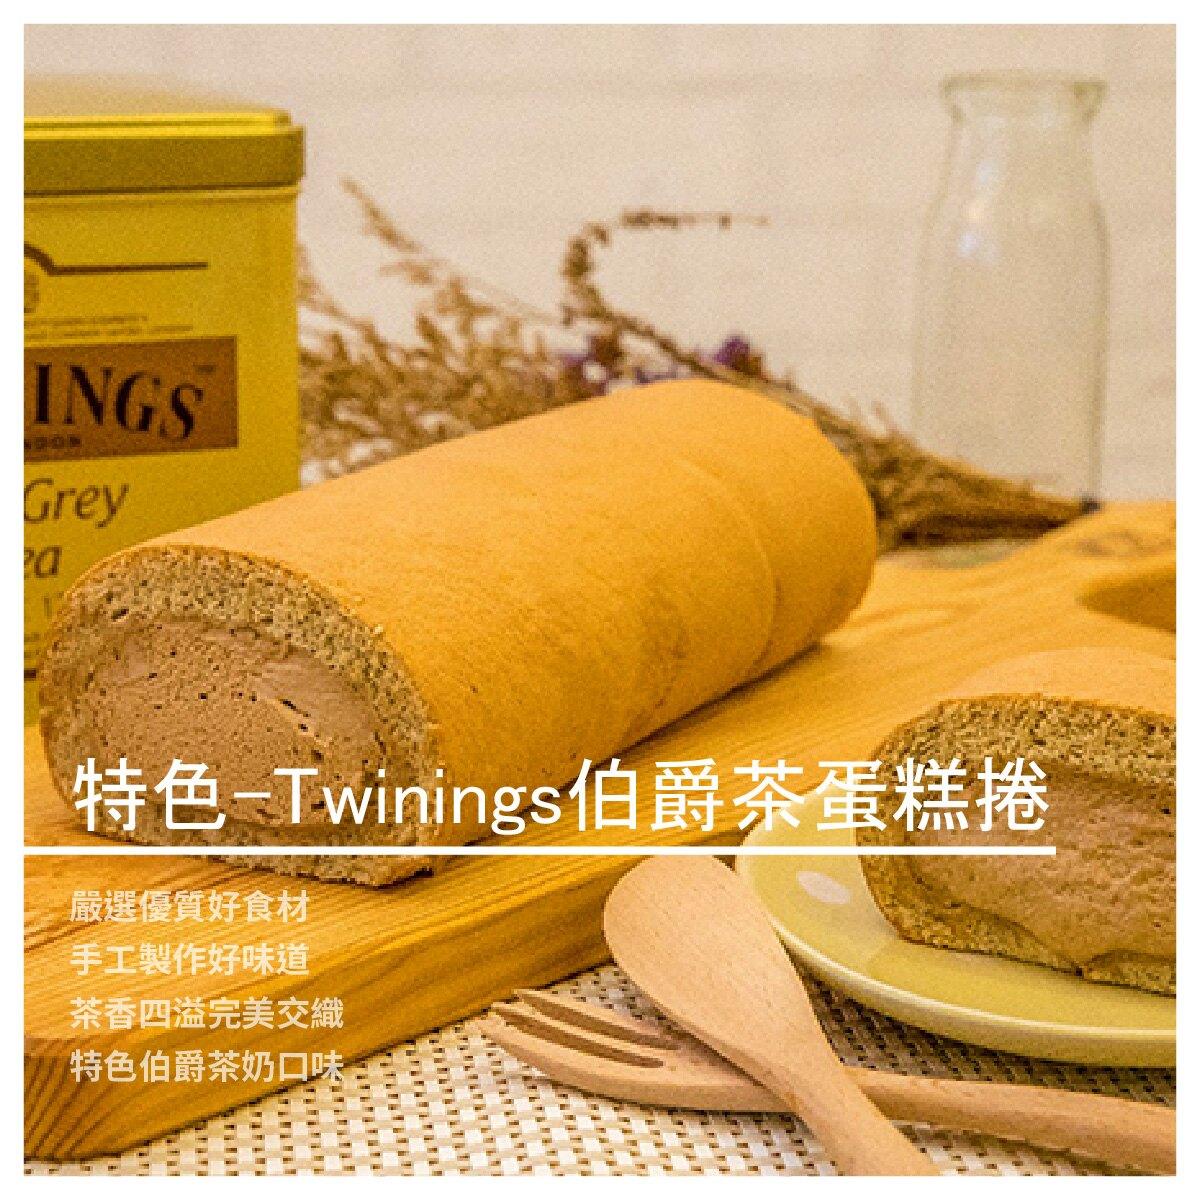 【樂本甜手作甜點】特色-Twinings伯爵茶蛋糕捲